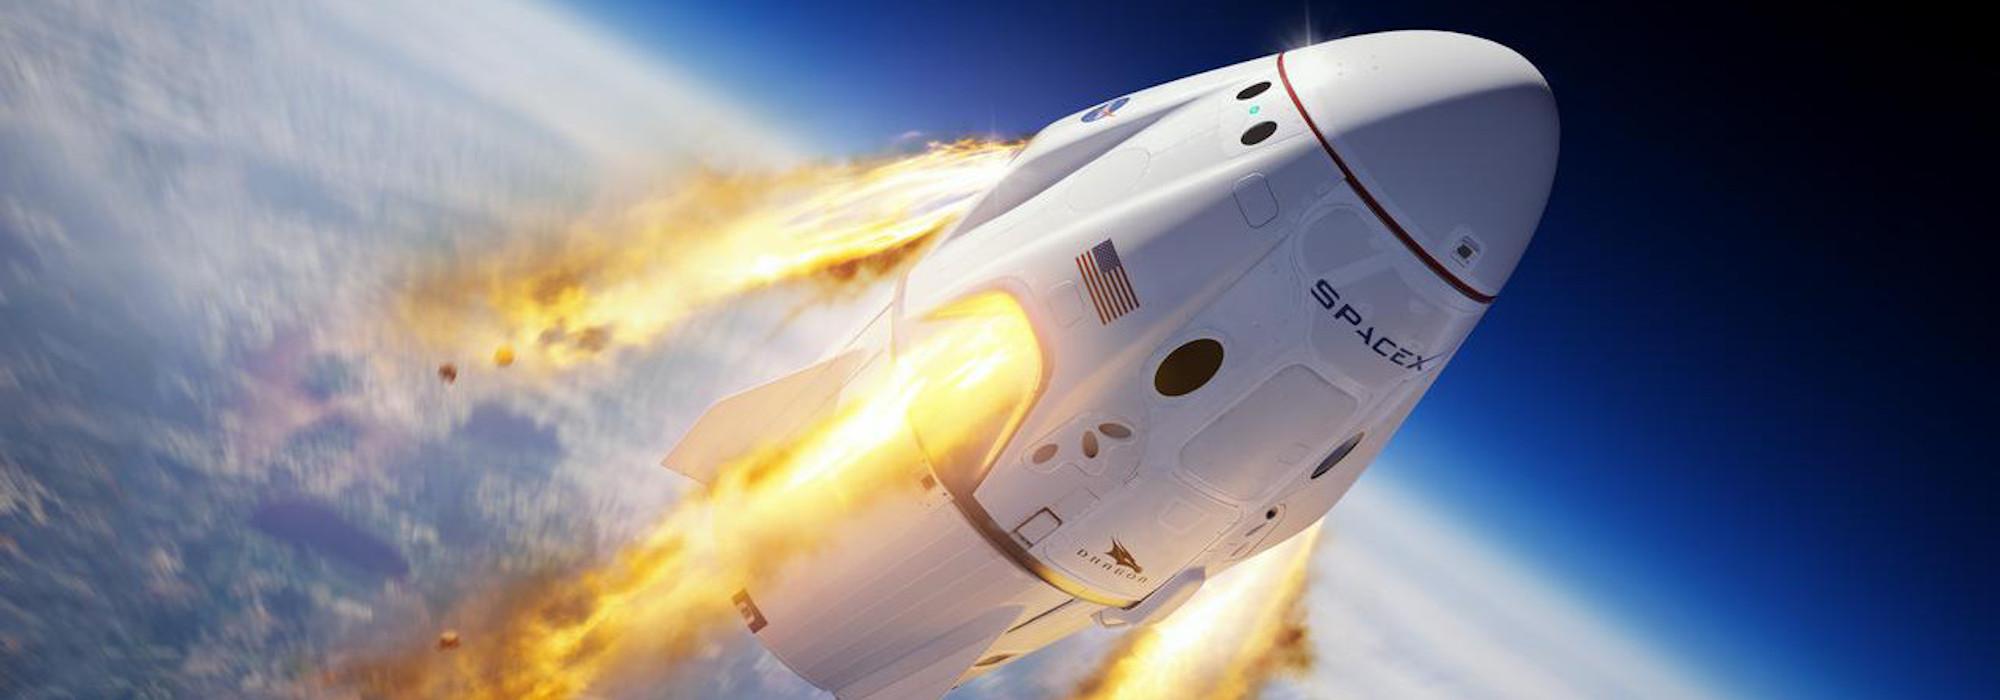 Tek Çare Uzay – ABD topraklarından yeniden uzaya insan gidiyor